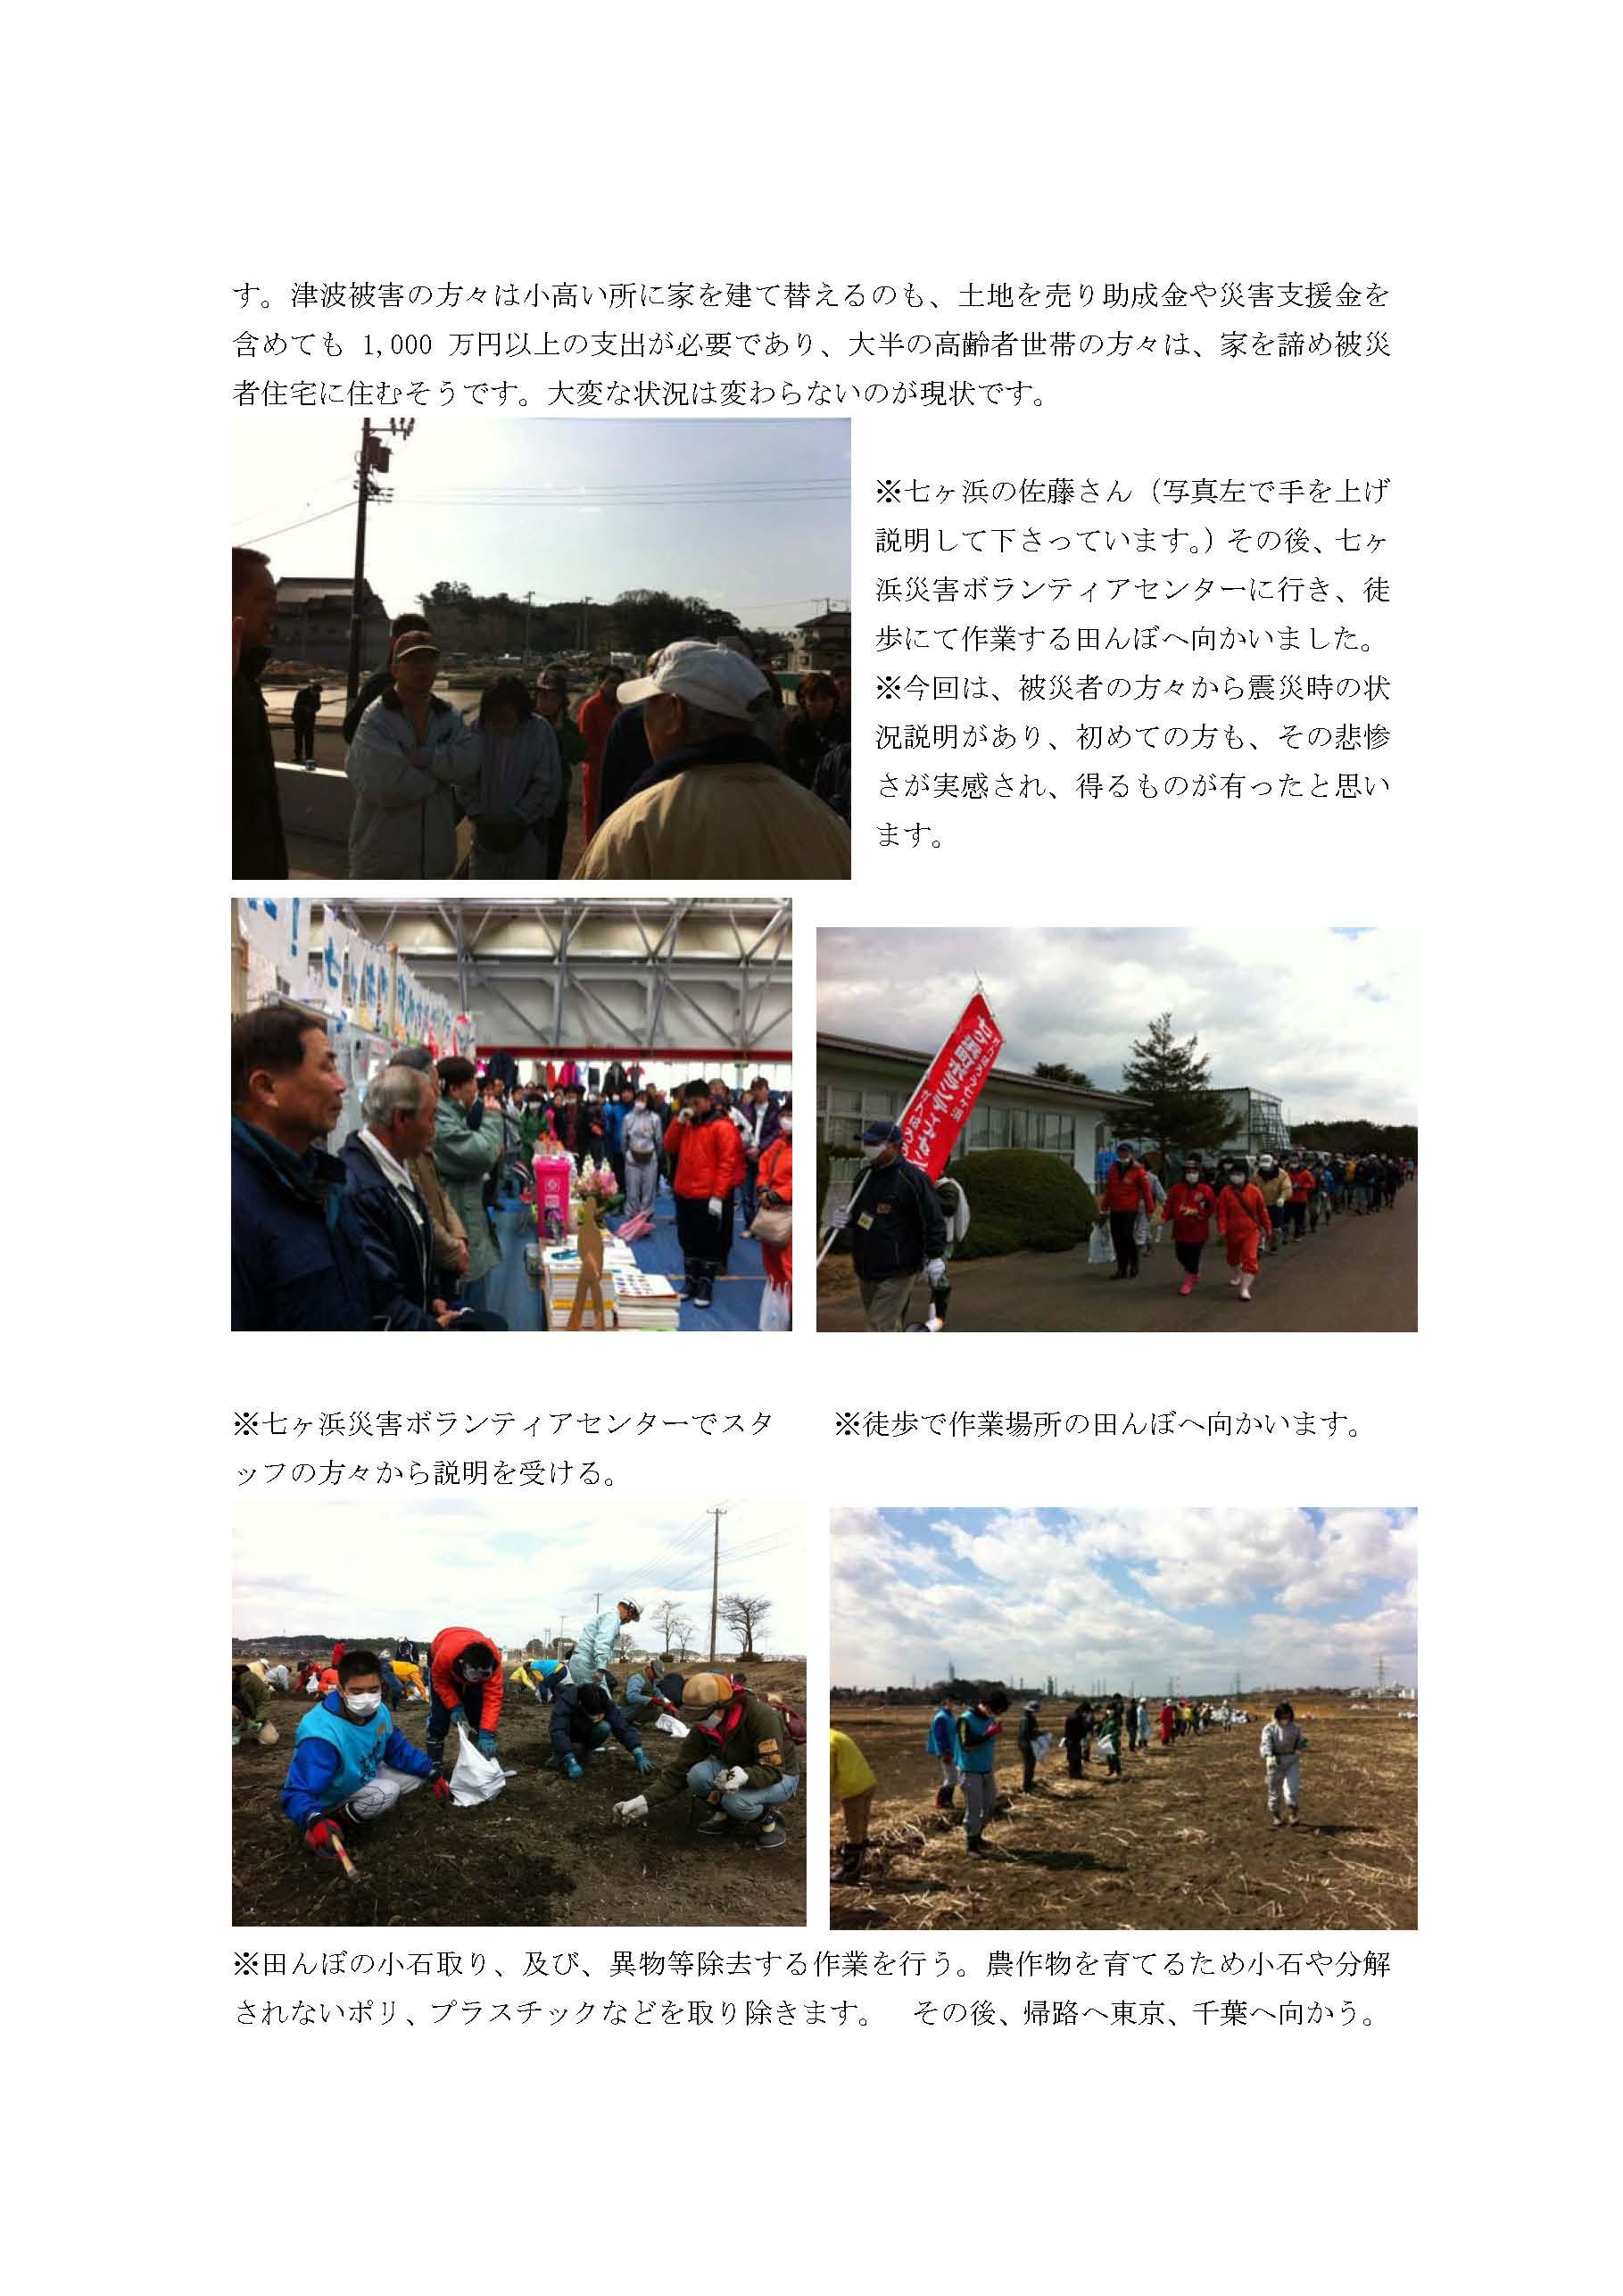 東京災害ボランティア活動報告No.13_ページ_3